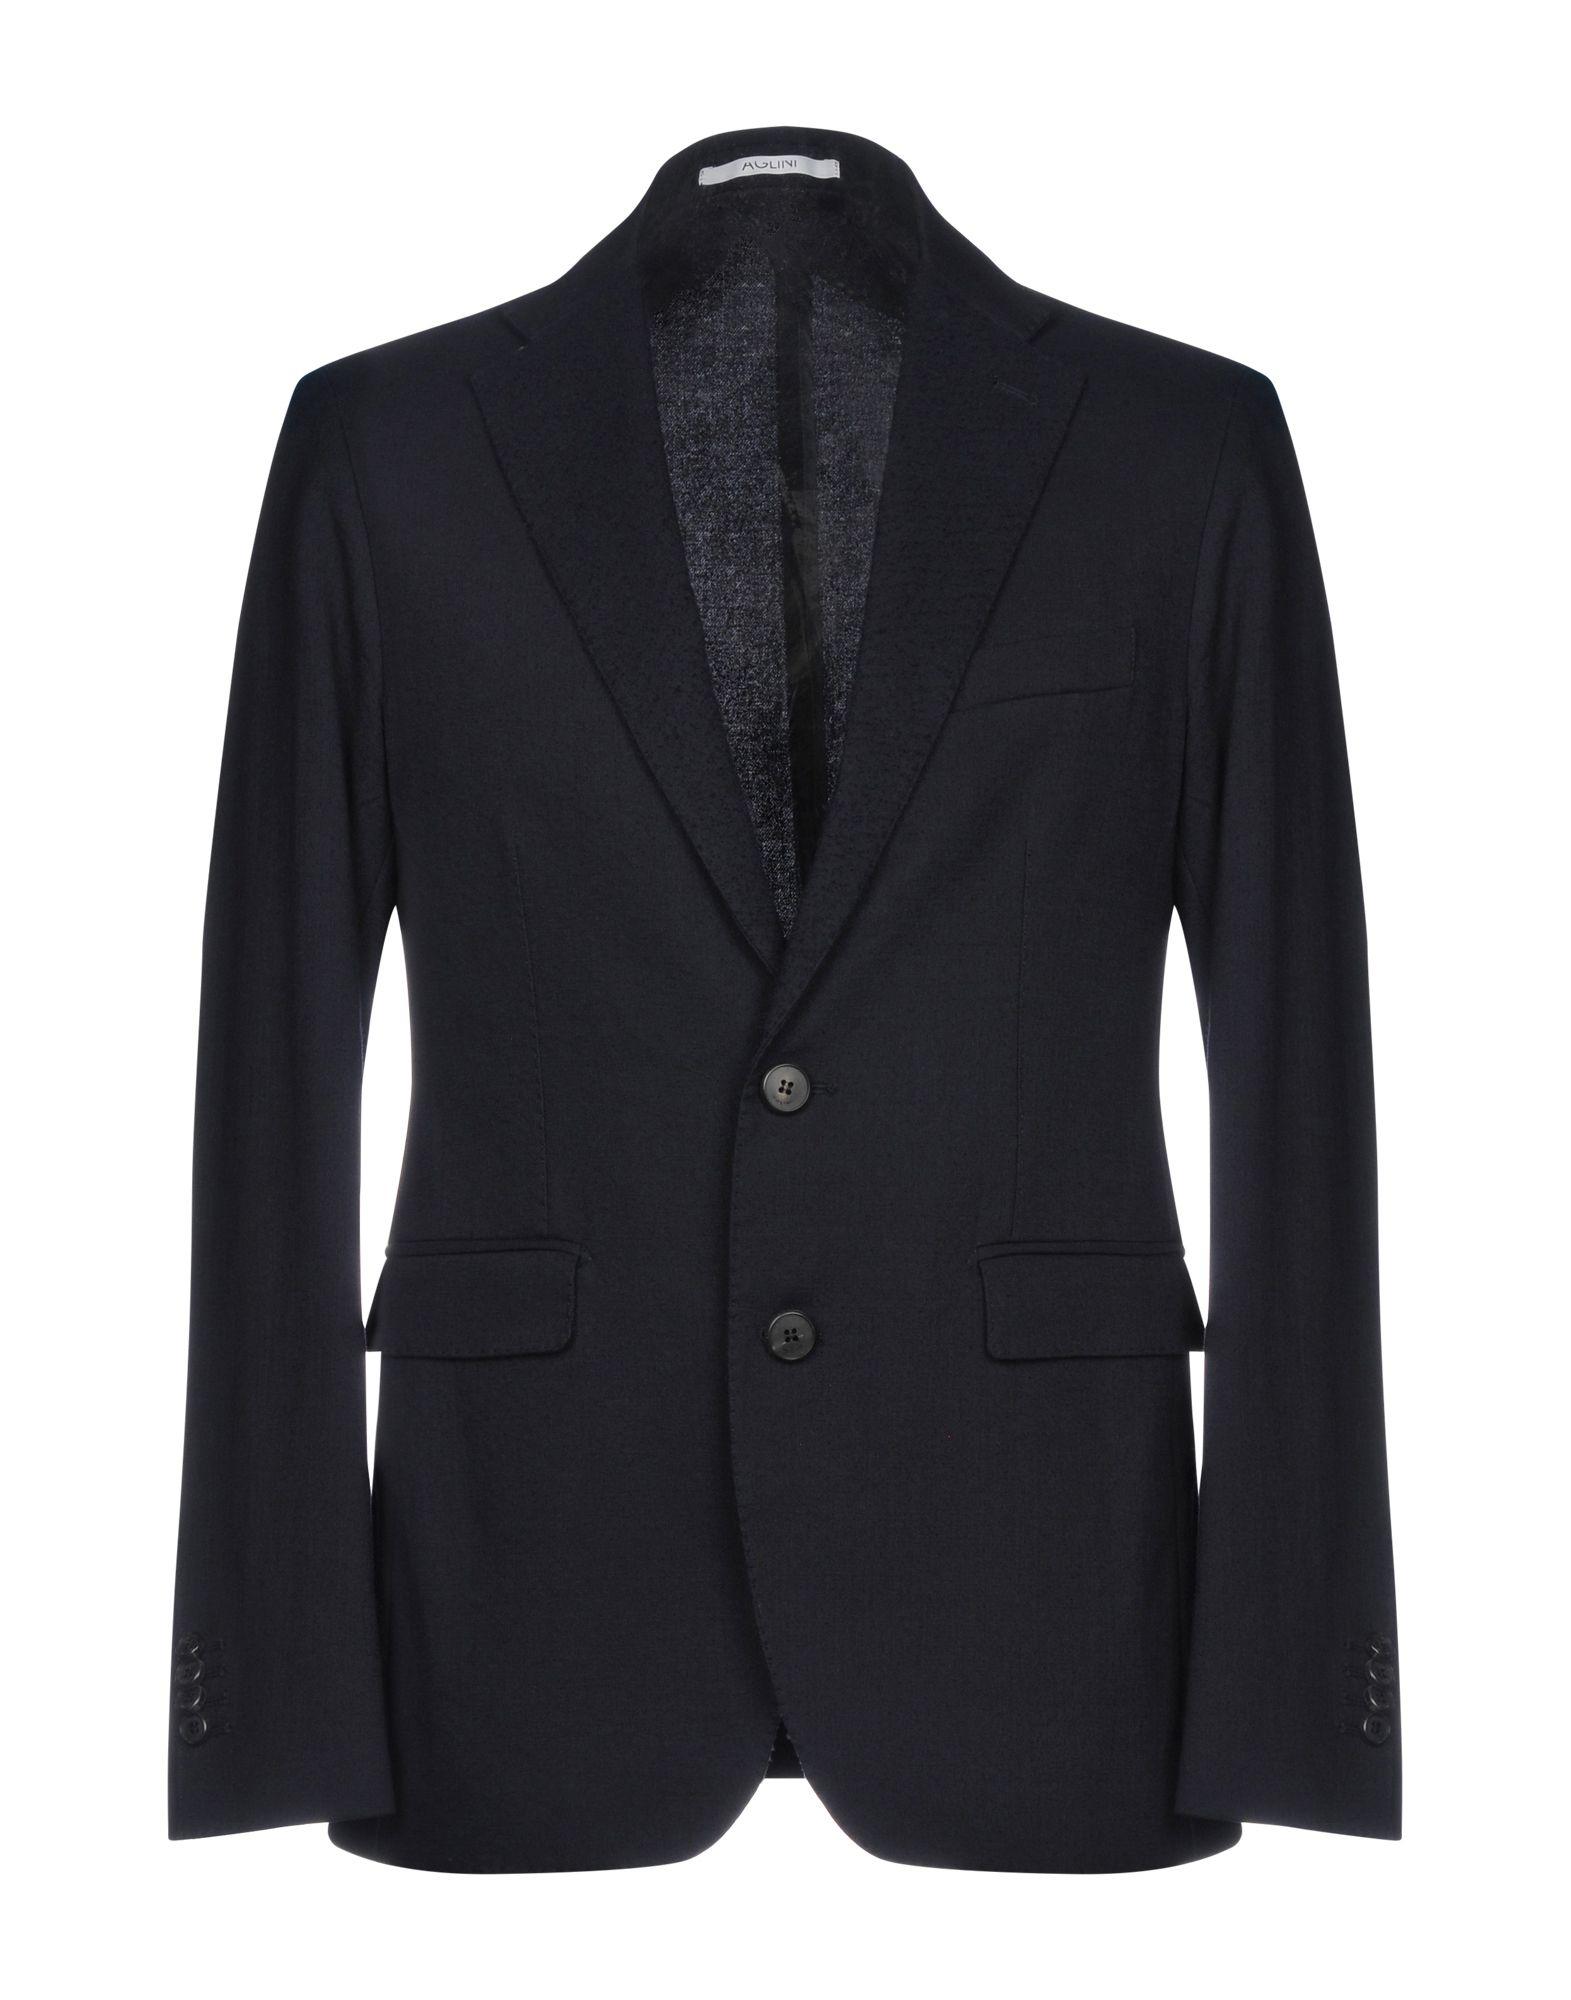 《期間限定セール中》AGLINI メンズ テーラードジャケット ダークブルー 52 コットン 35% / バージンウール 33% / レーヨン 32%